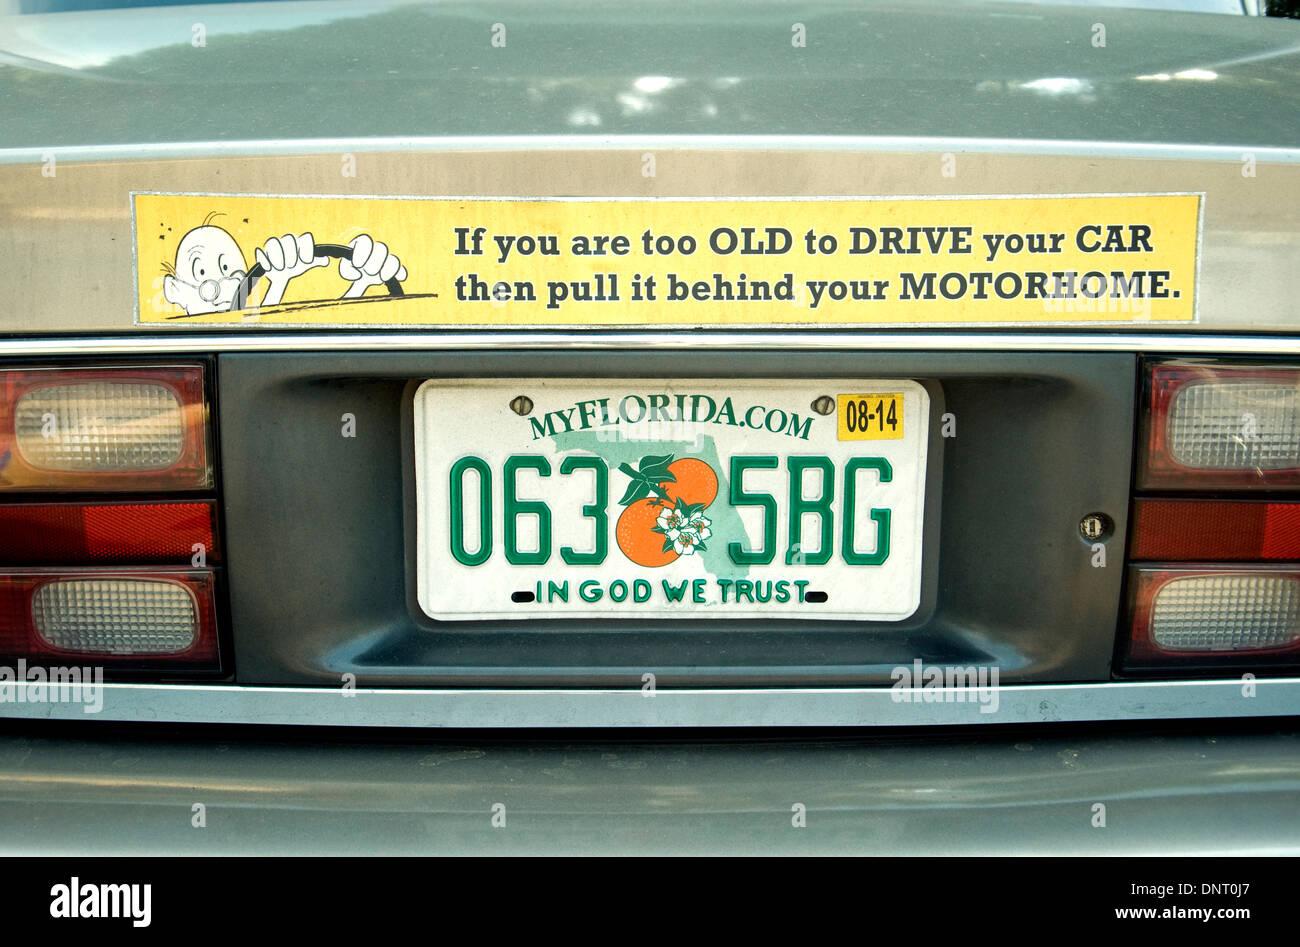 Humor extravagante o placas de licencia son un espectáculo común en las carreteras norteamericanas Imagen De Stock